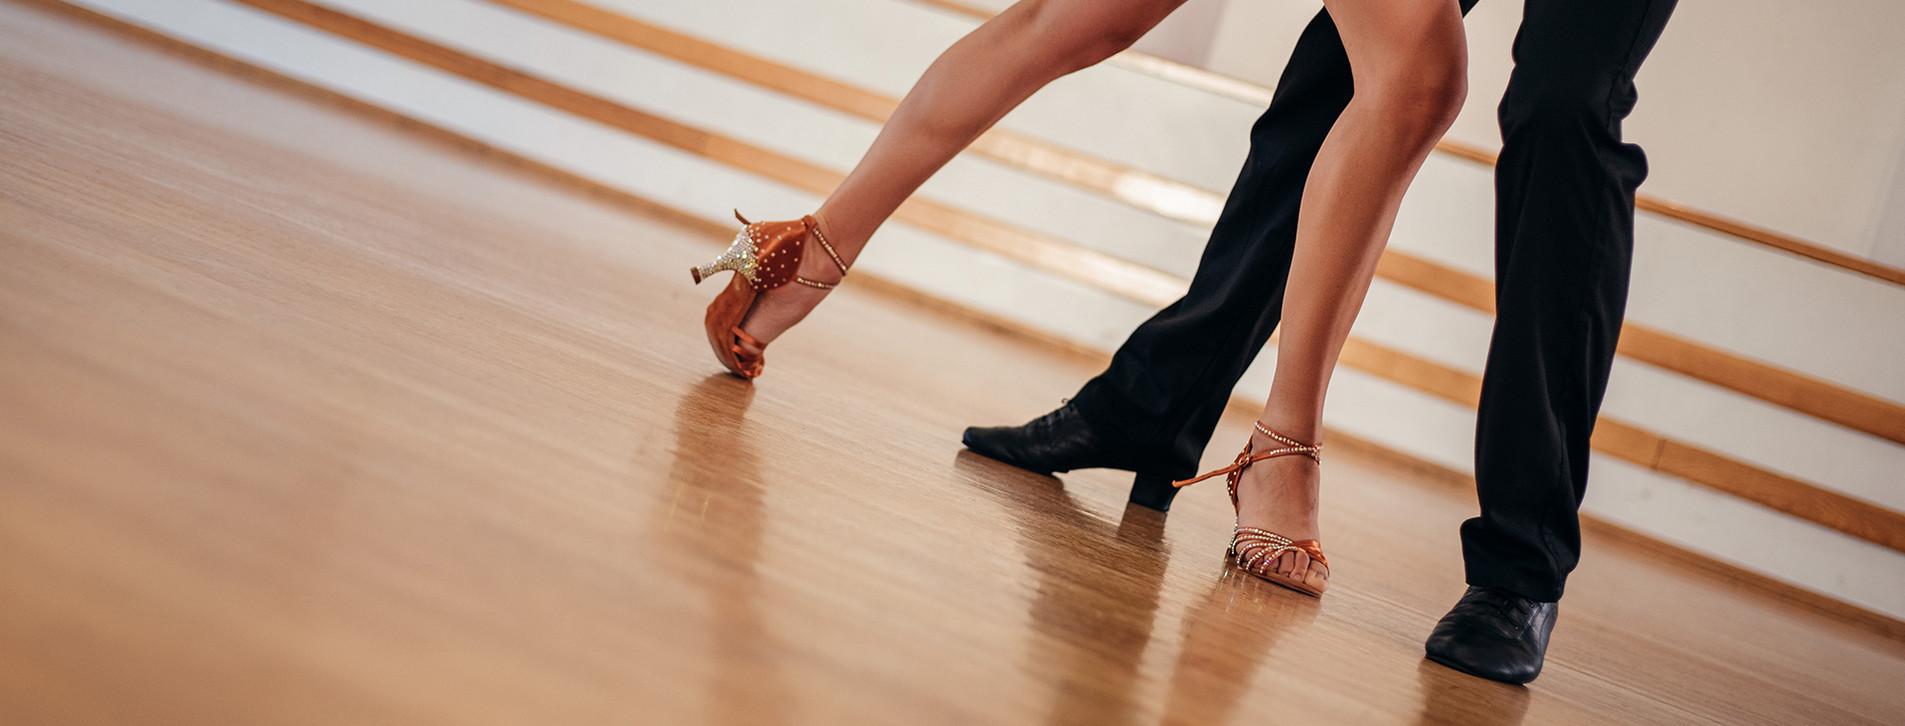 Фото - Мастер-класс аргентинского танго